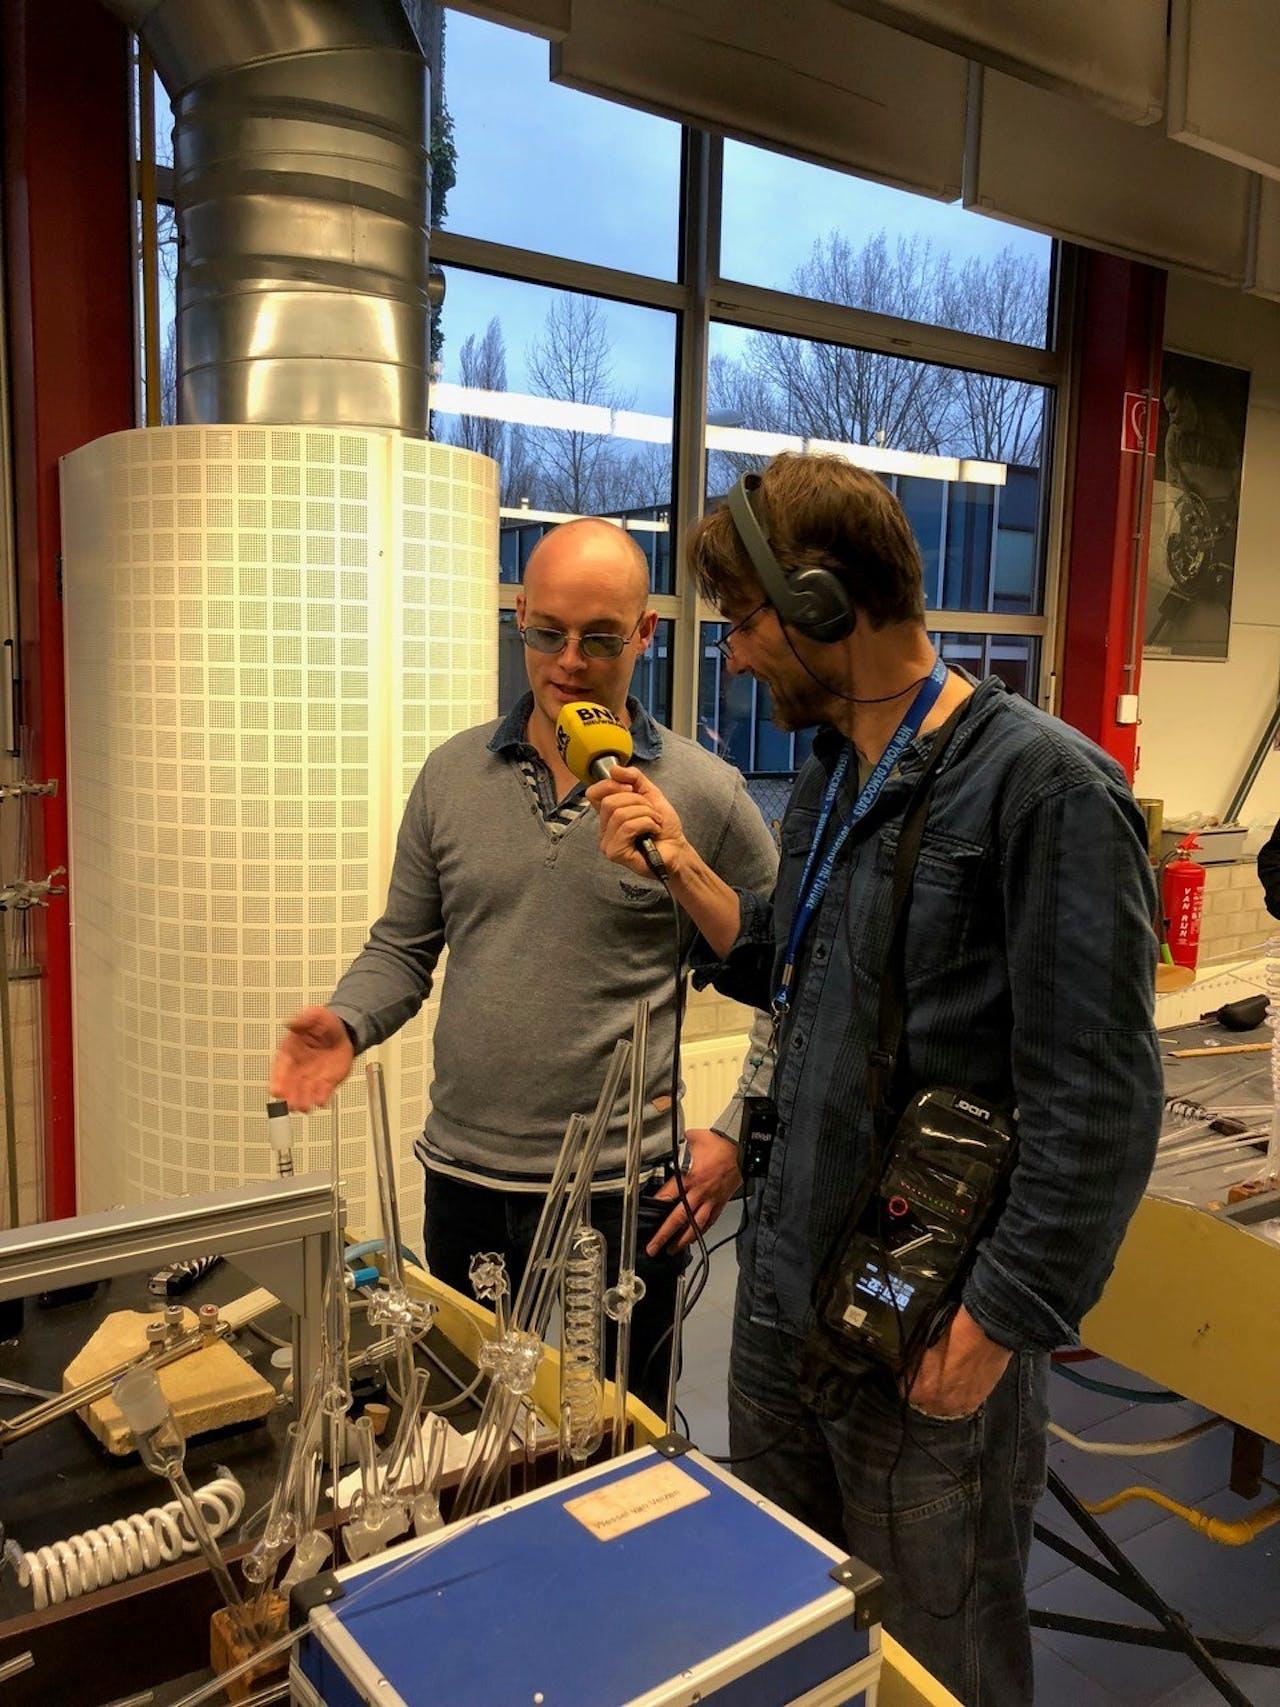 Verslaggever Martijn de Rijk bezoekt de Leidse instrumentmakers School (LiS)